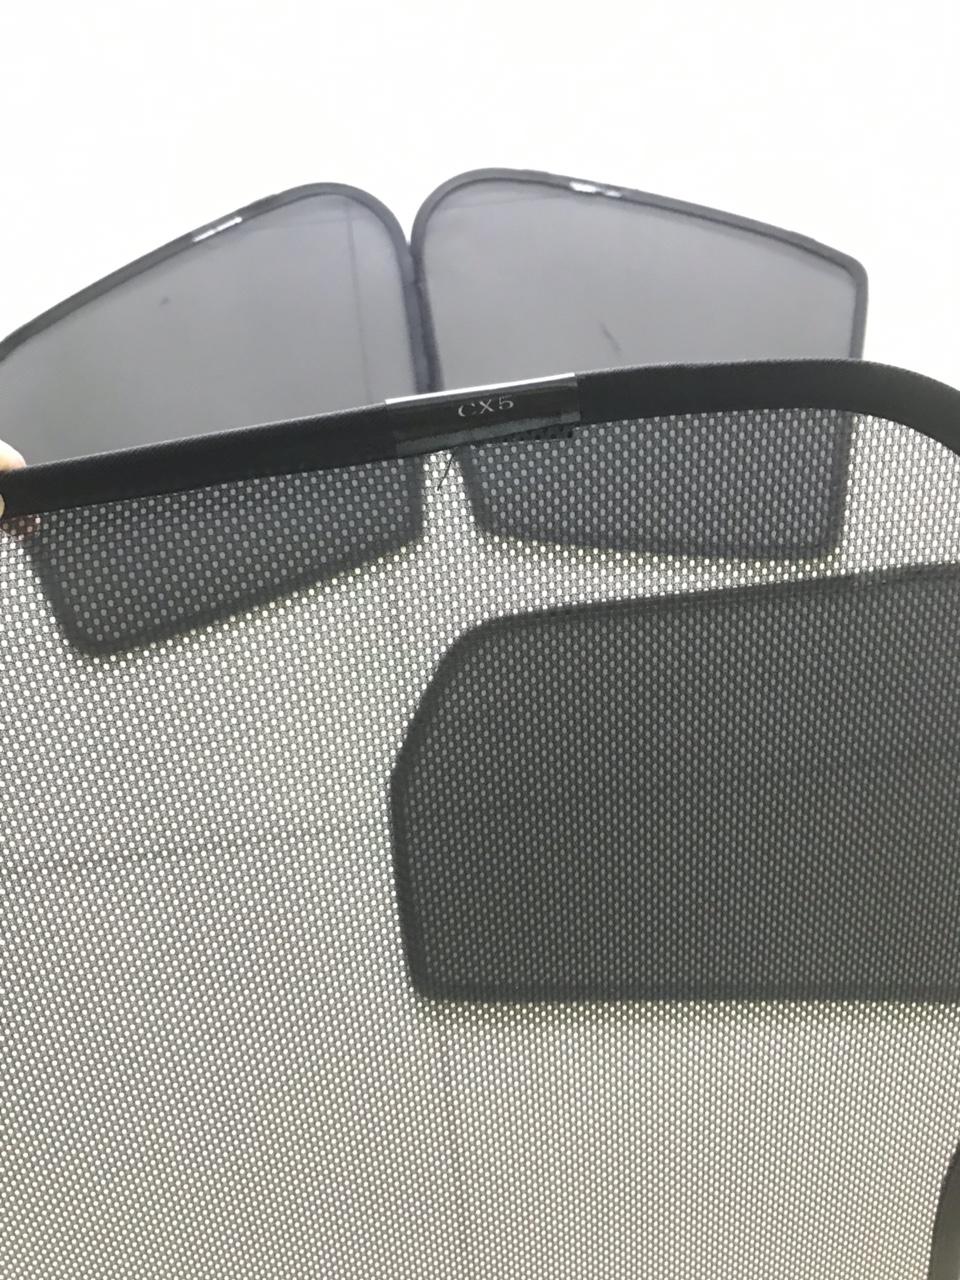 Che nắng hít cửa kính Mazda 3